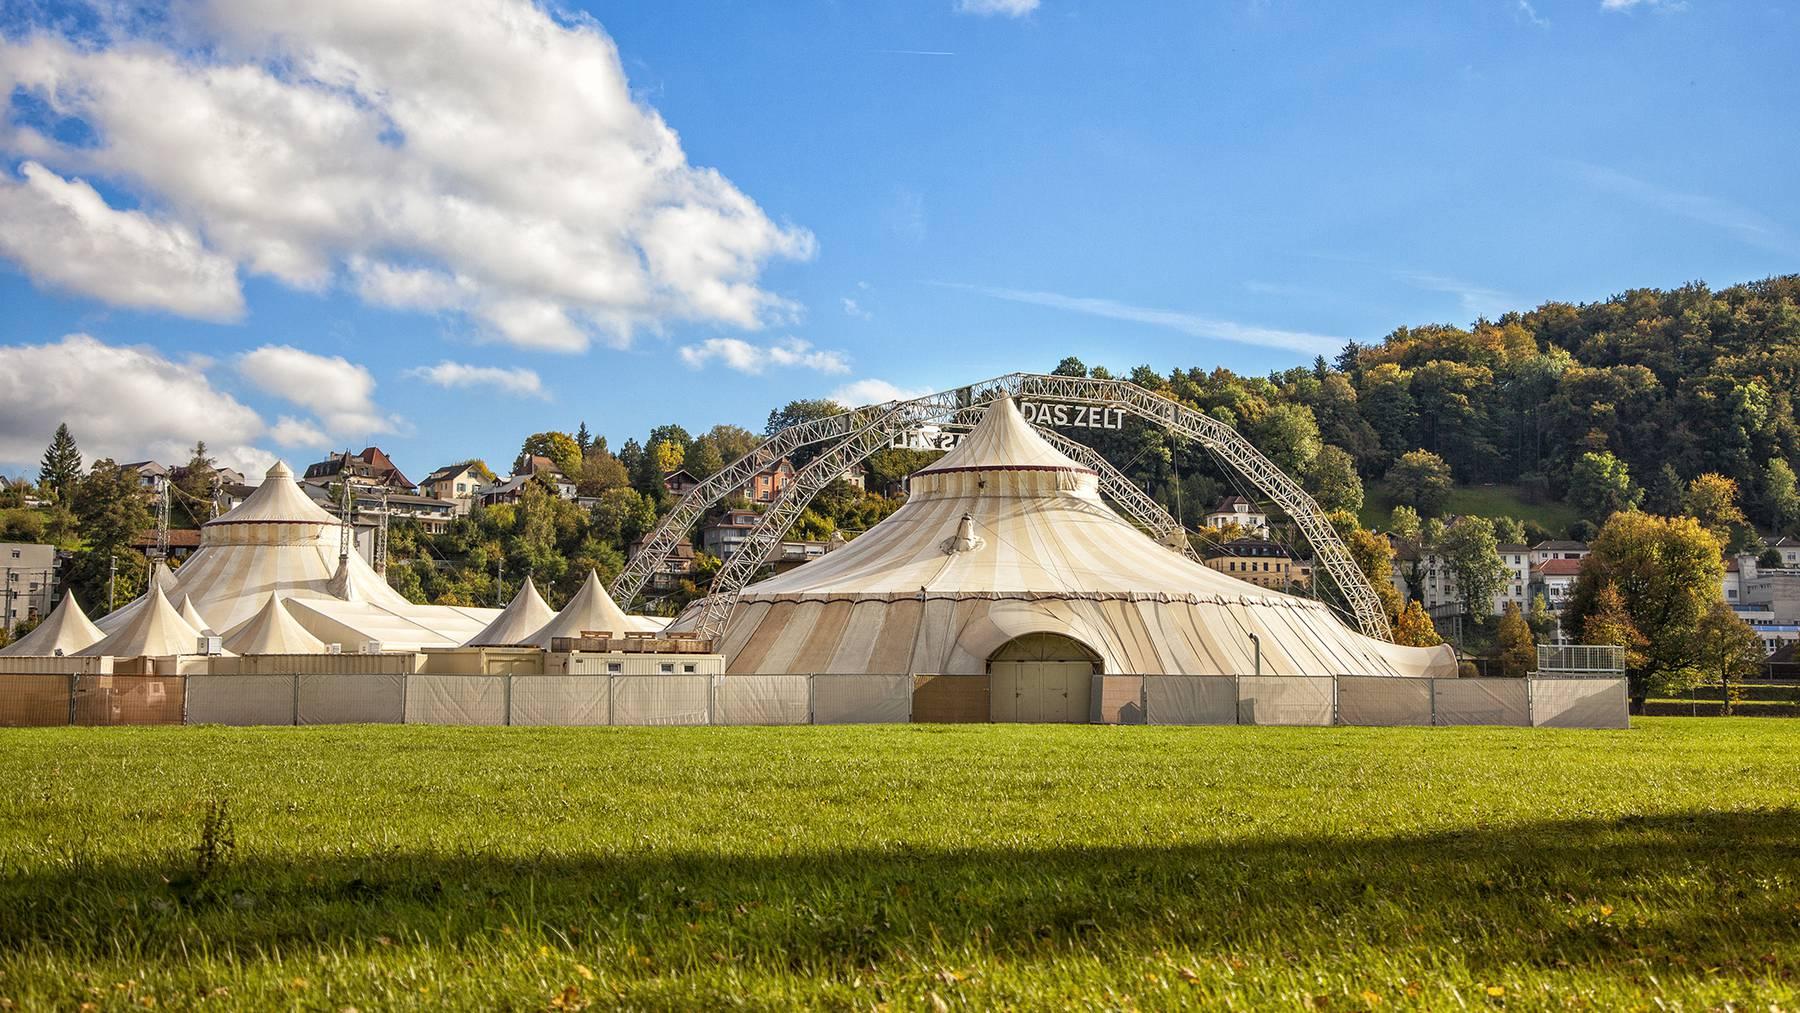 Das Zelt vom 09.10. bis 22.10.2021 in Aarau